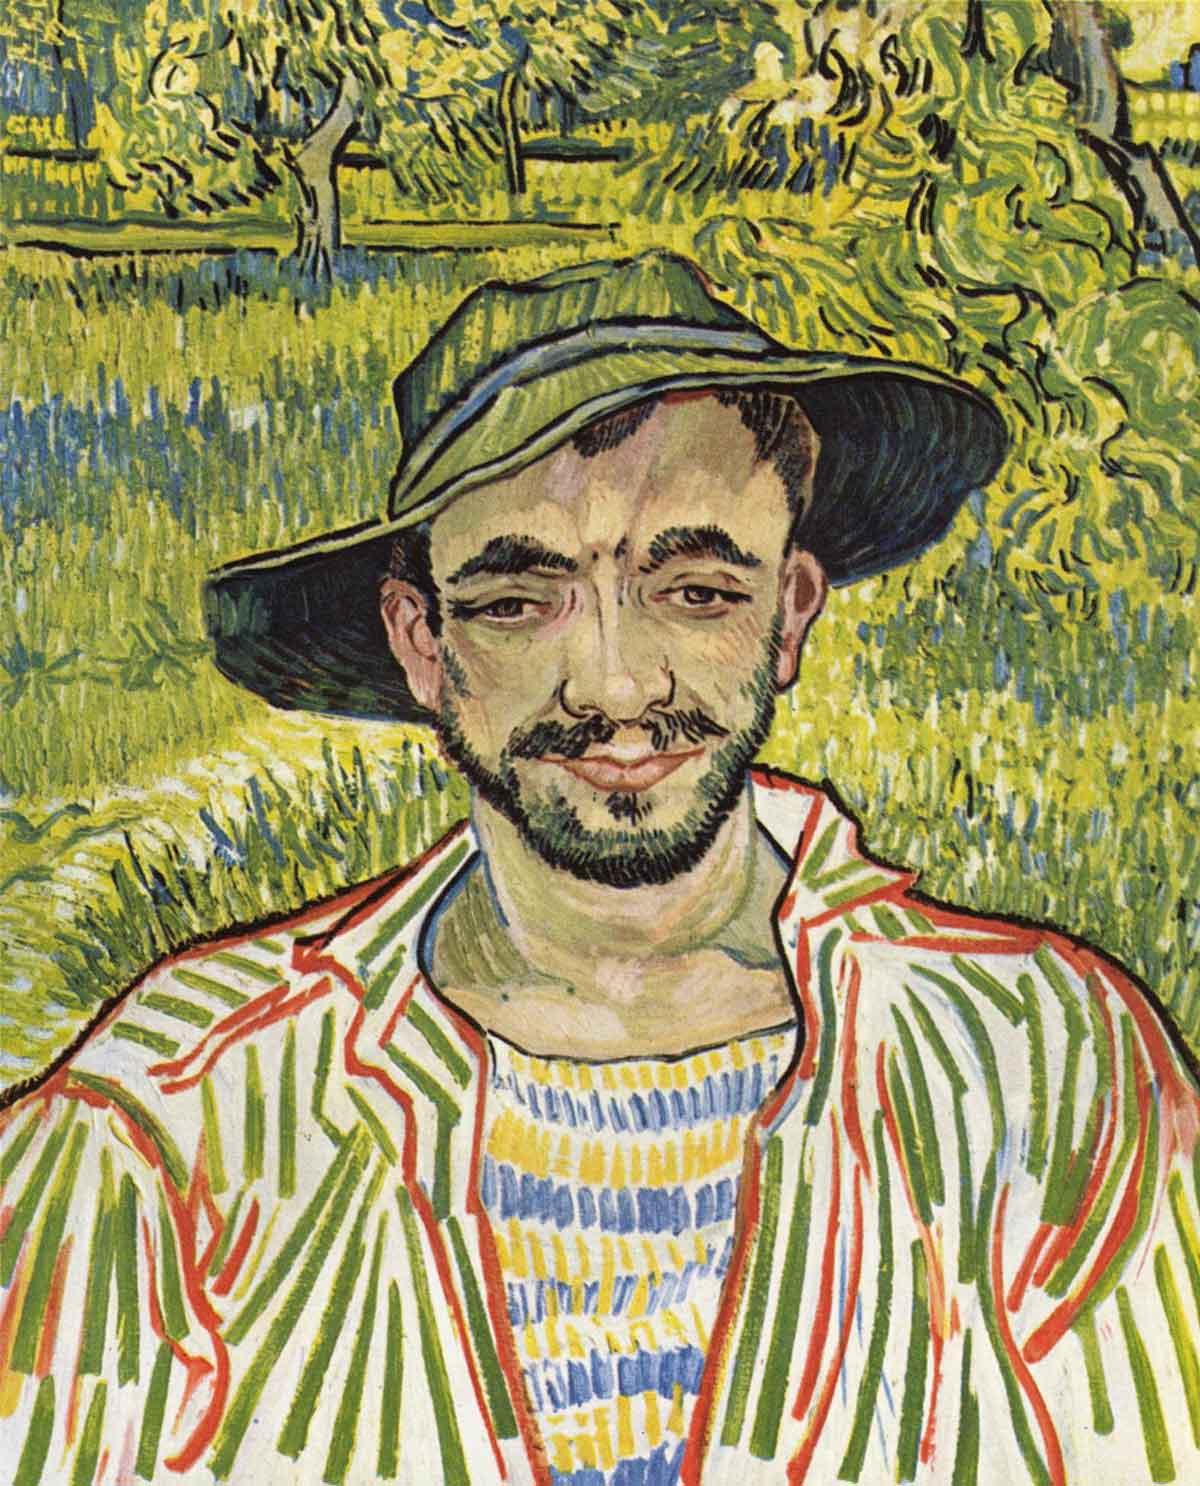 Gestohlenes Gemälde von Van Gogh: Der Gärtner (Young peasant, 1889)